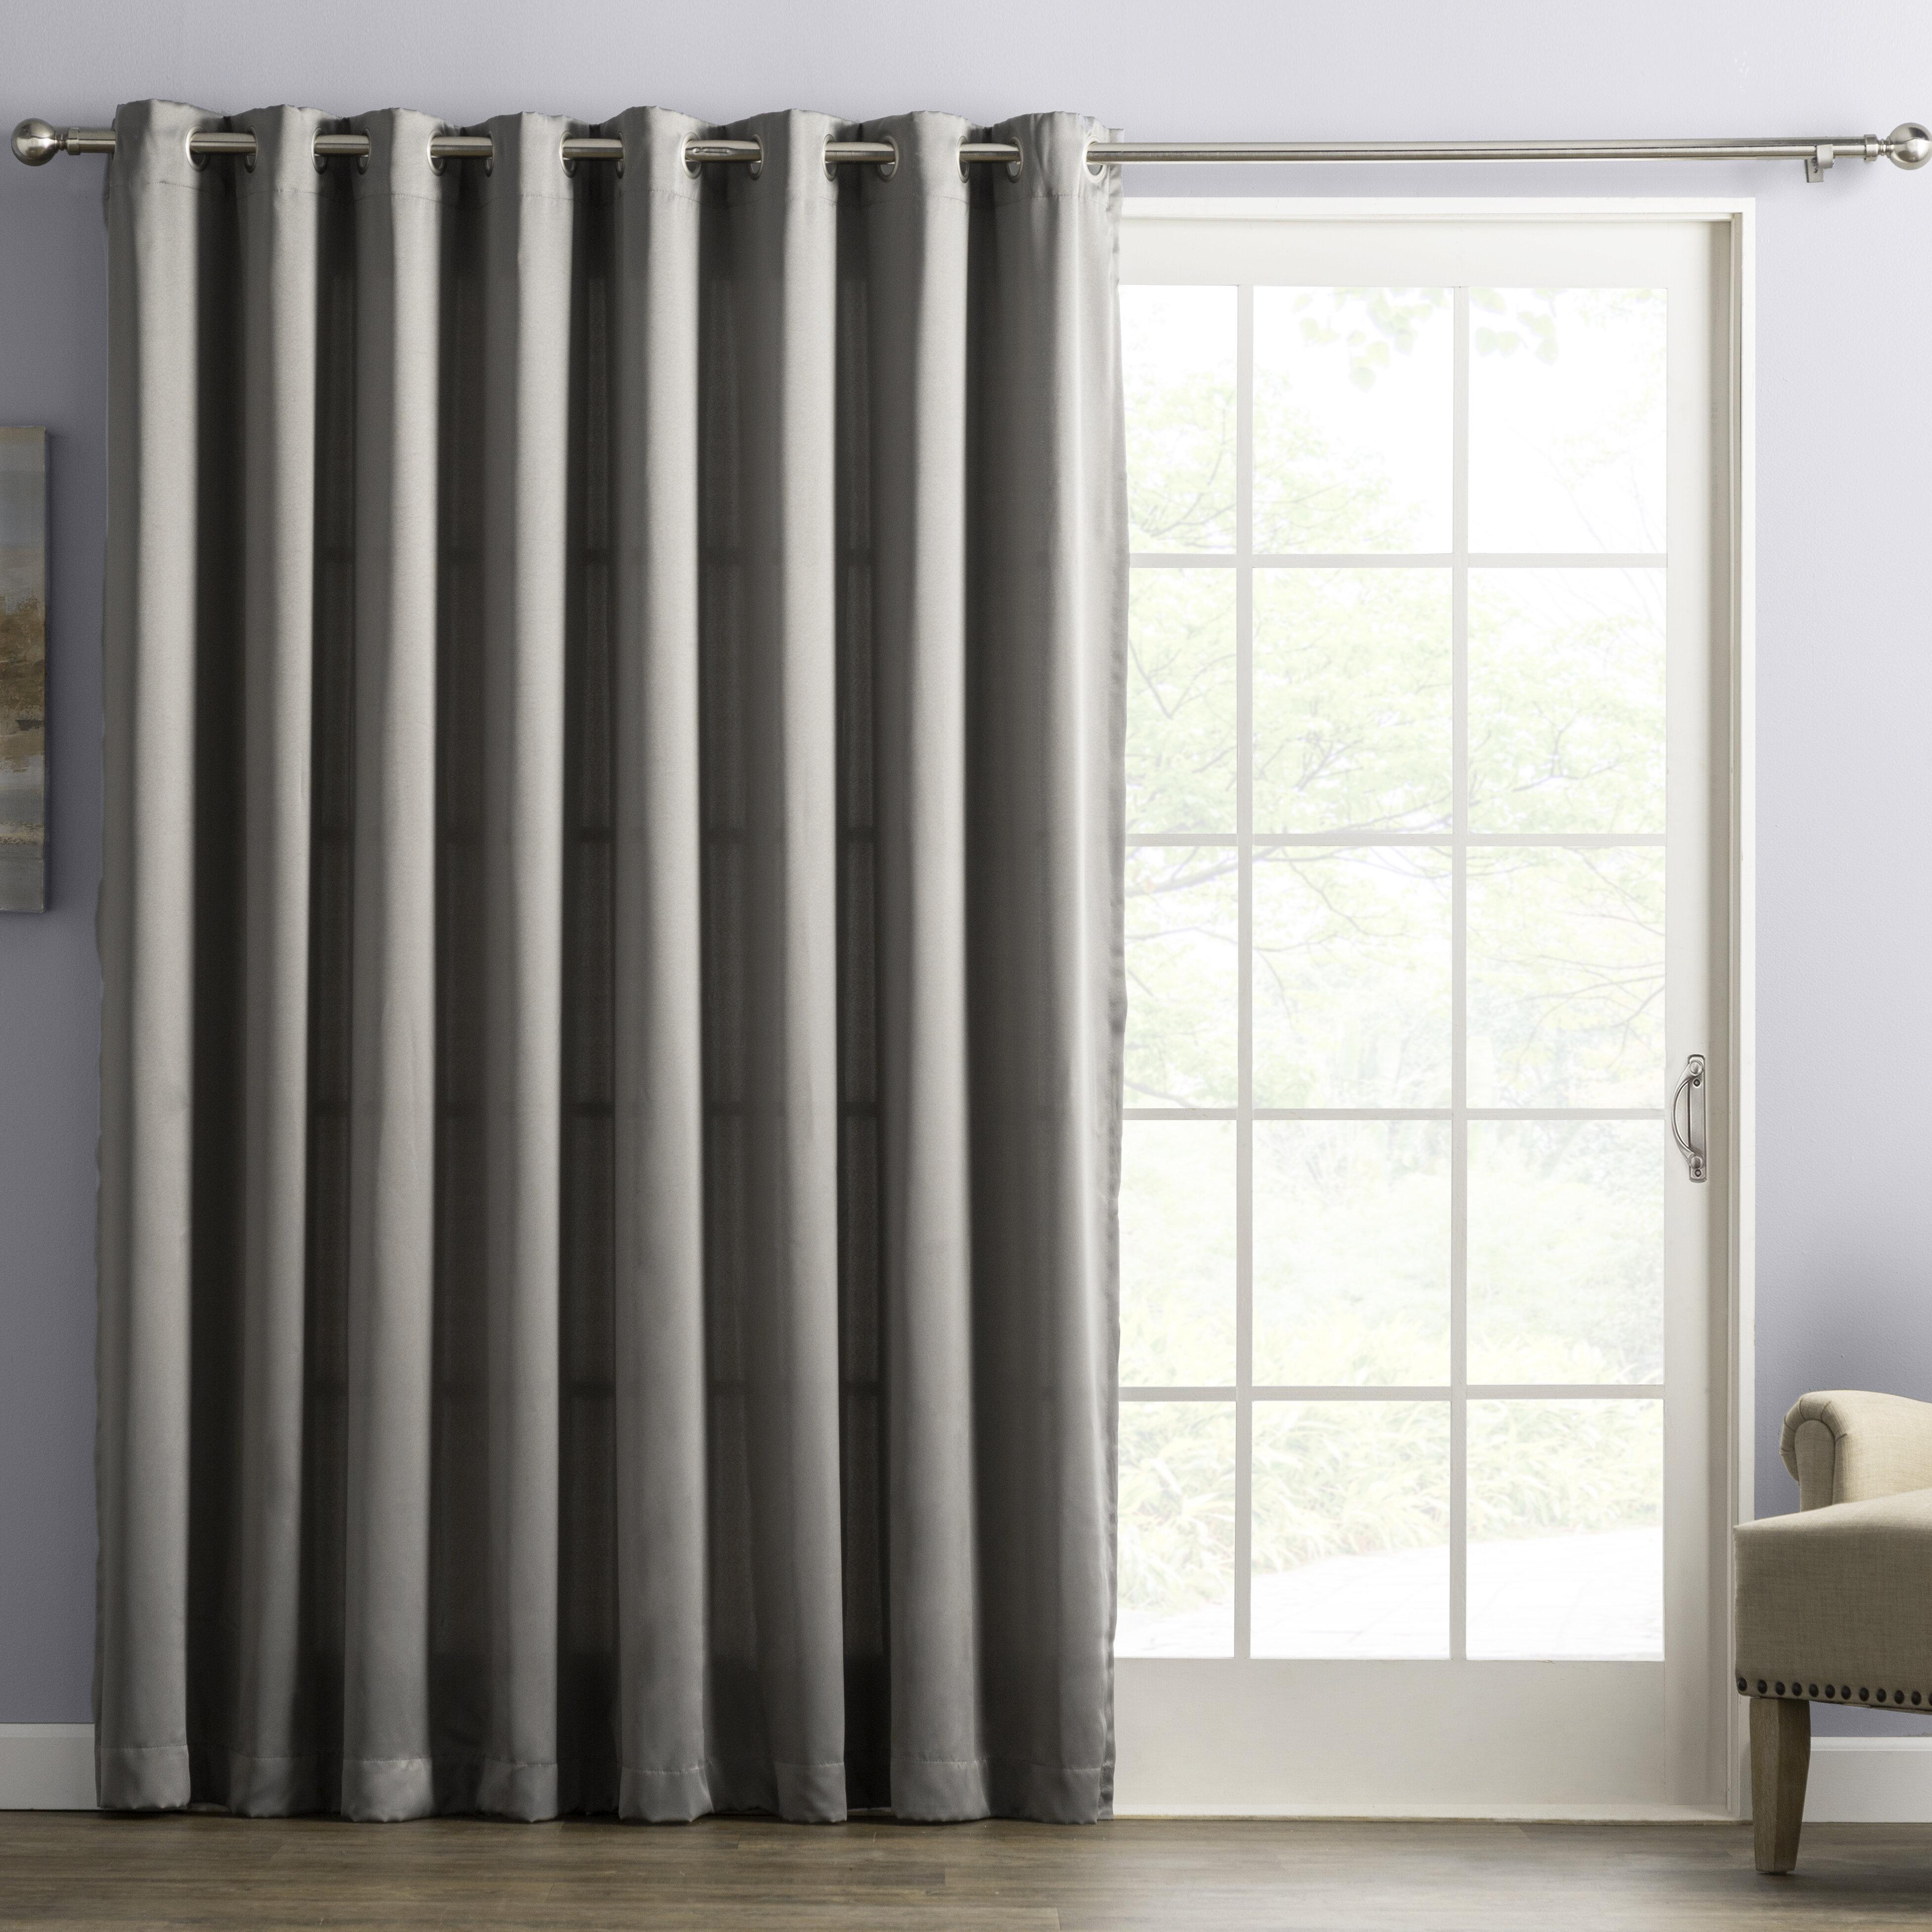 Wayfair Basics Solid Room Darkening Thermal Grommet Single Curtain Panel Reviews Wayfair